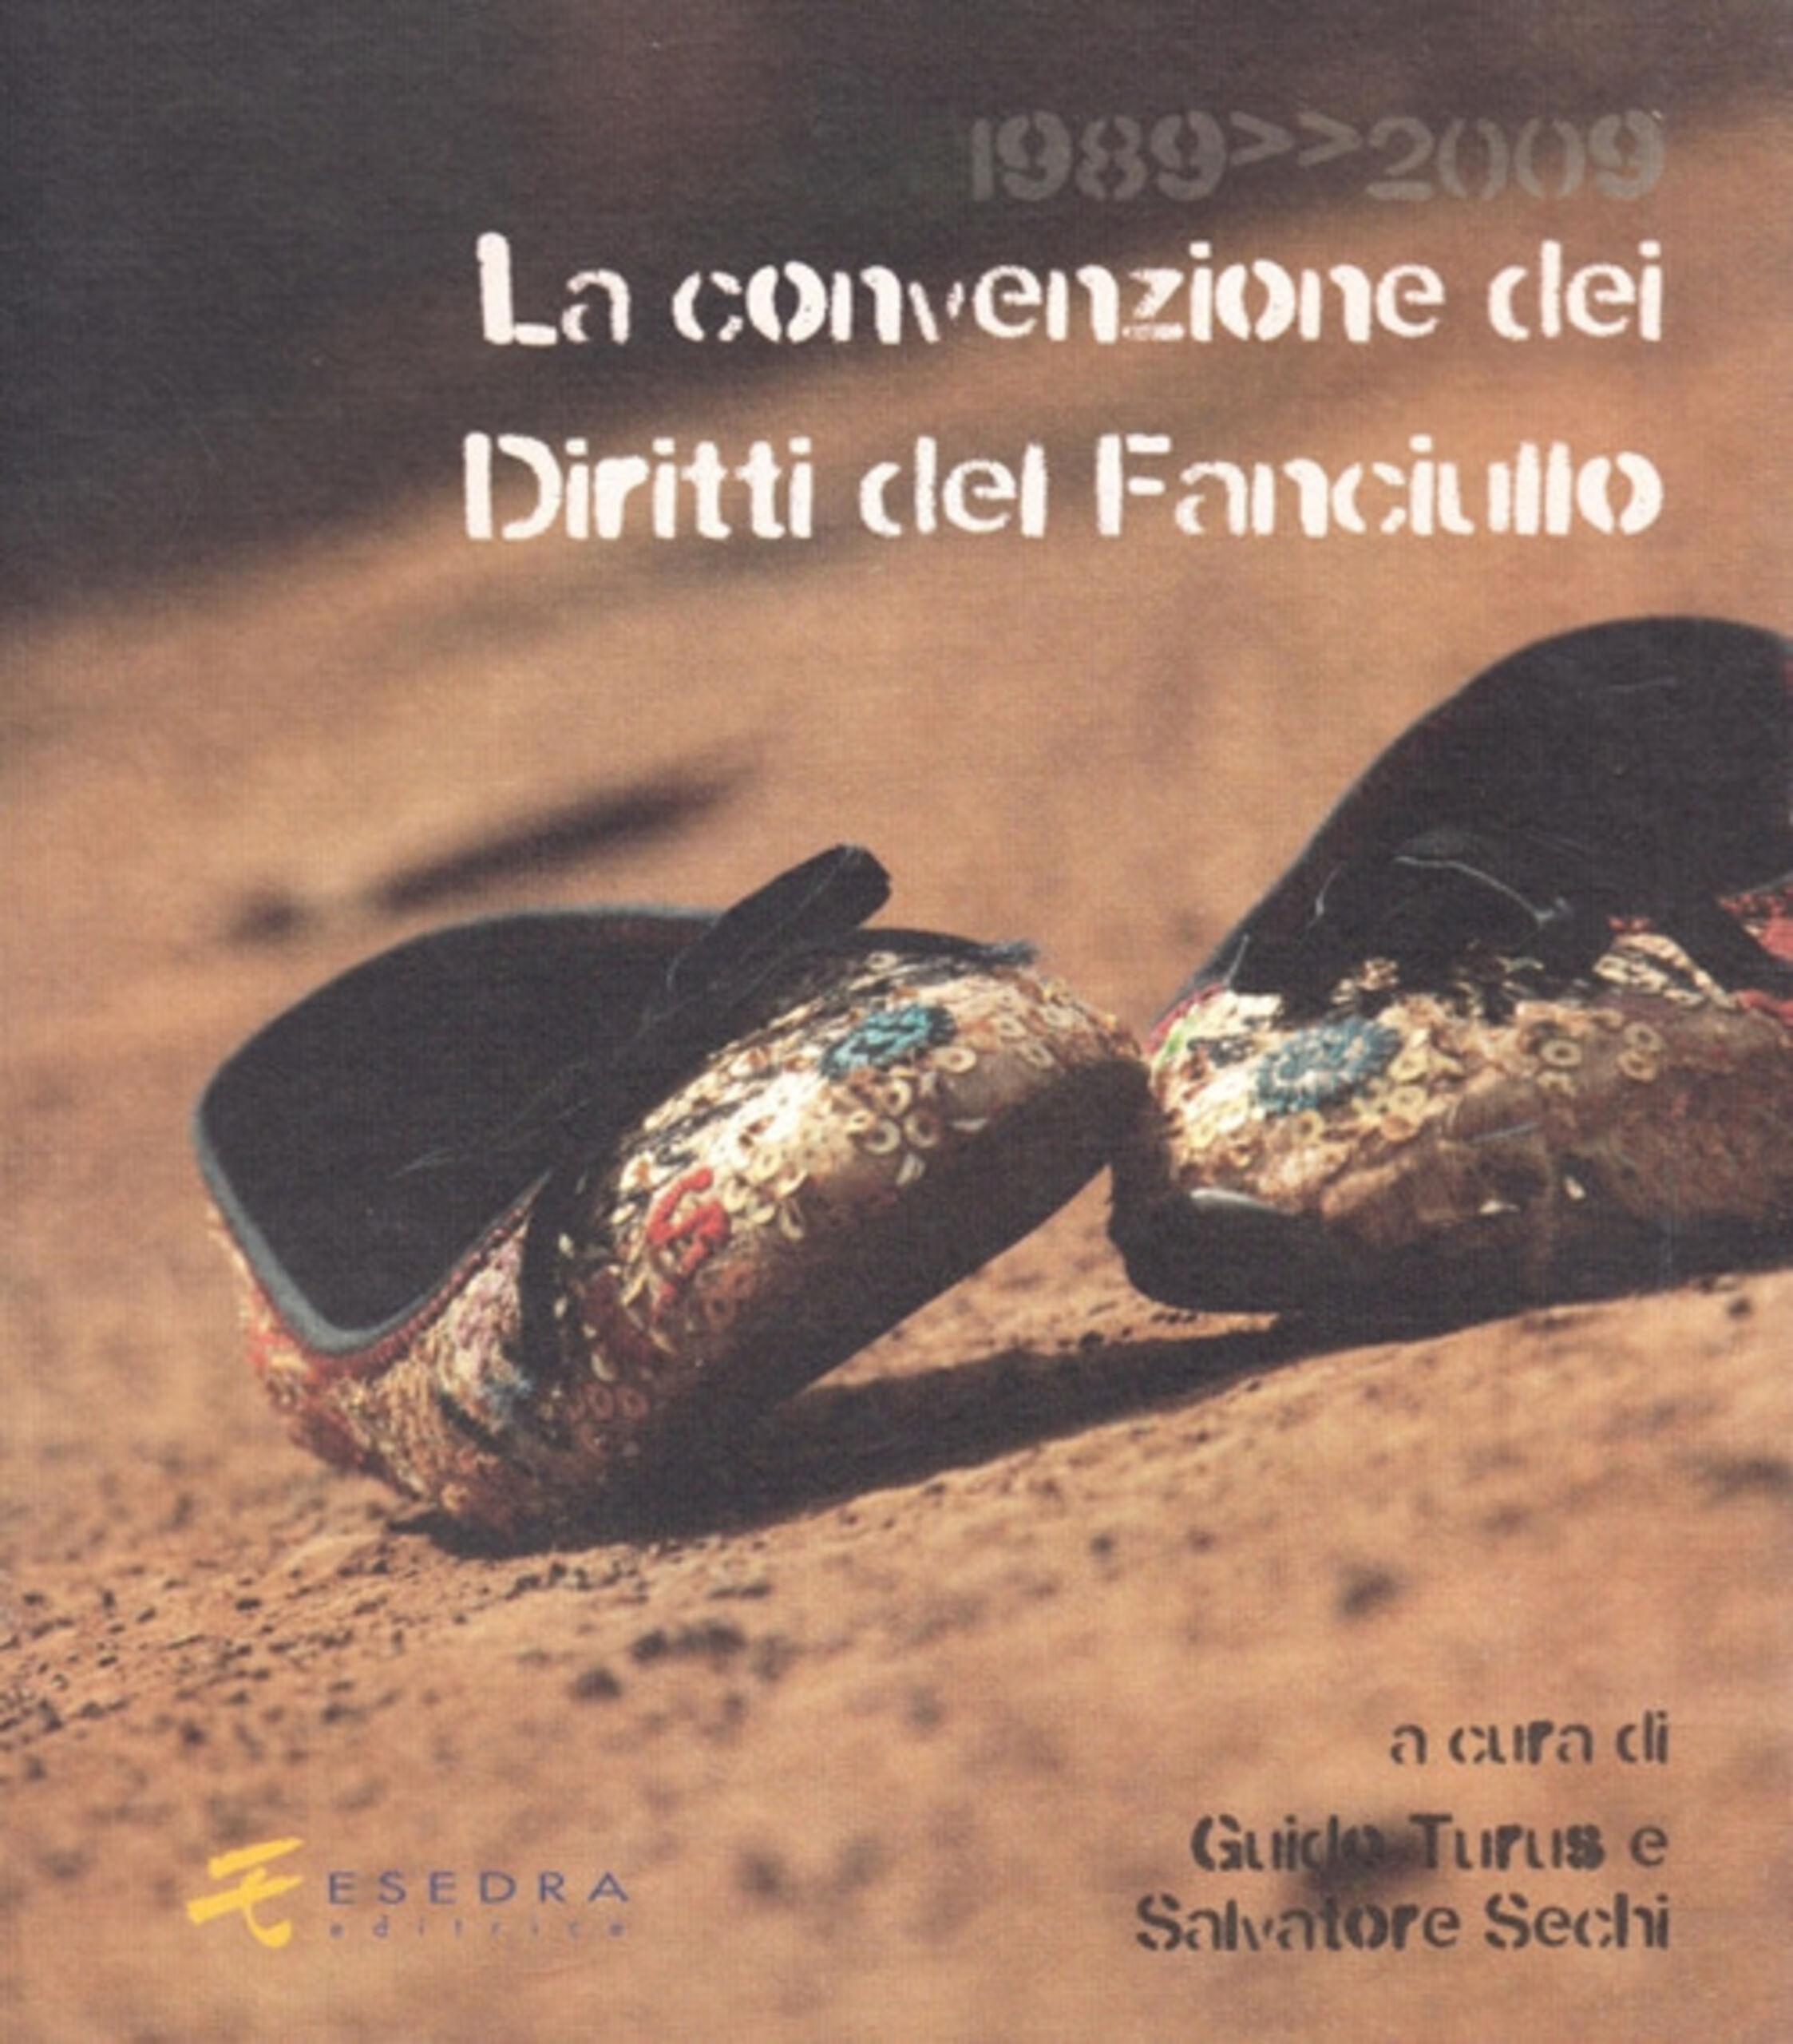 1989-2009. La convenzione dei diritti del fanciullo